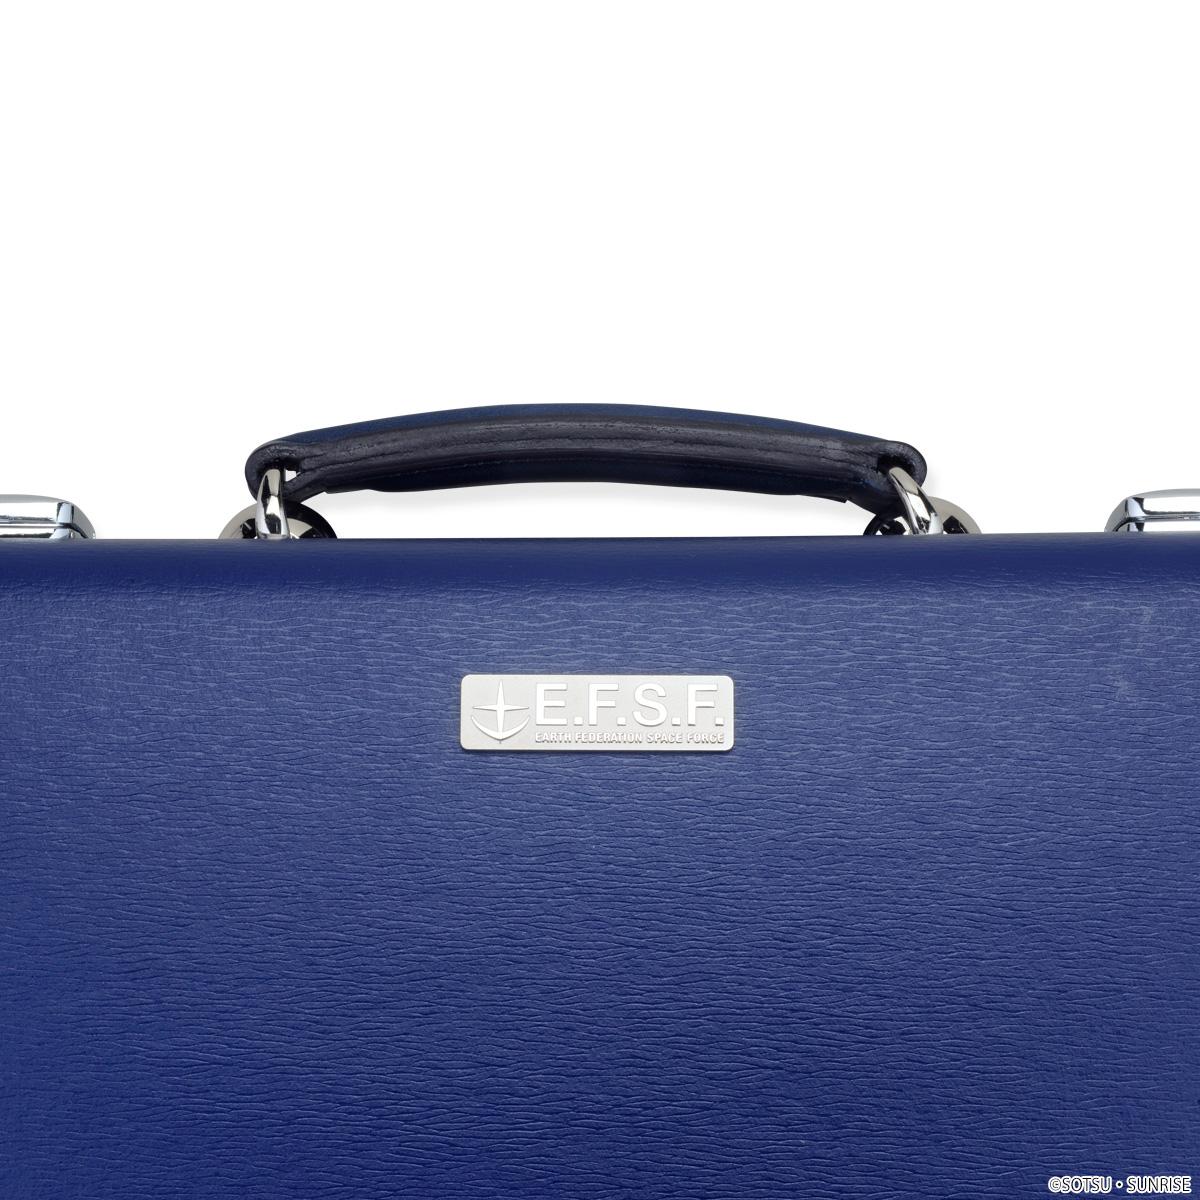 HOKUTAN Briefcase Mobile Suit Gundam E.F.S.F.